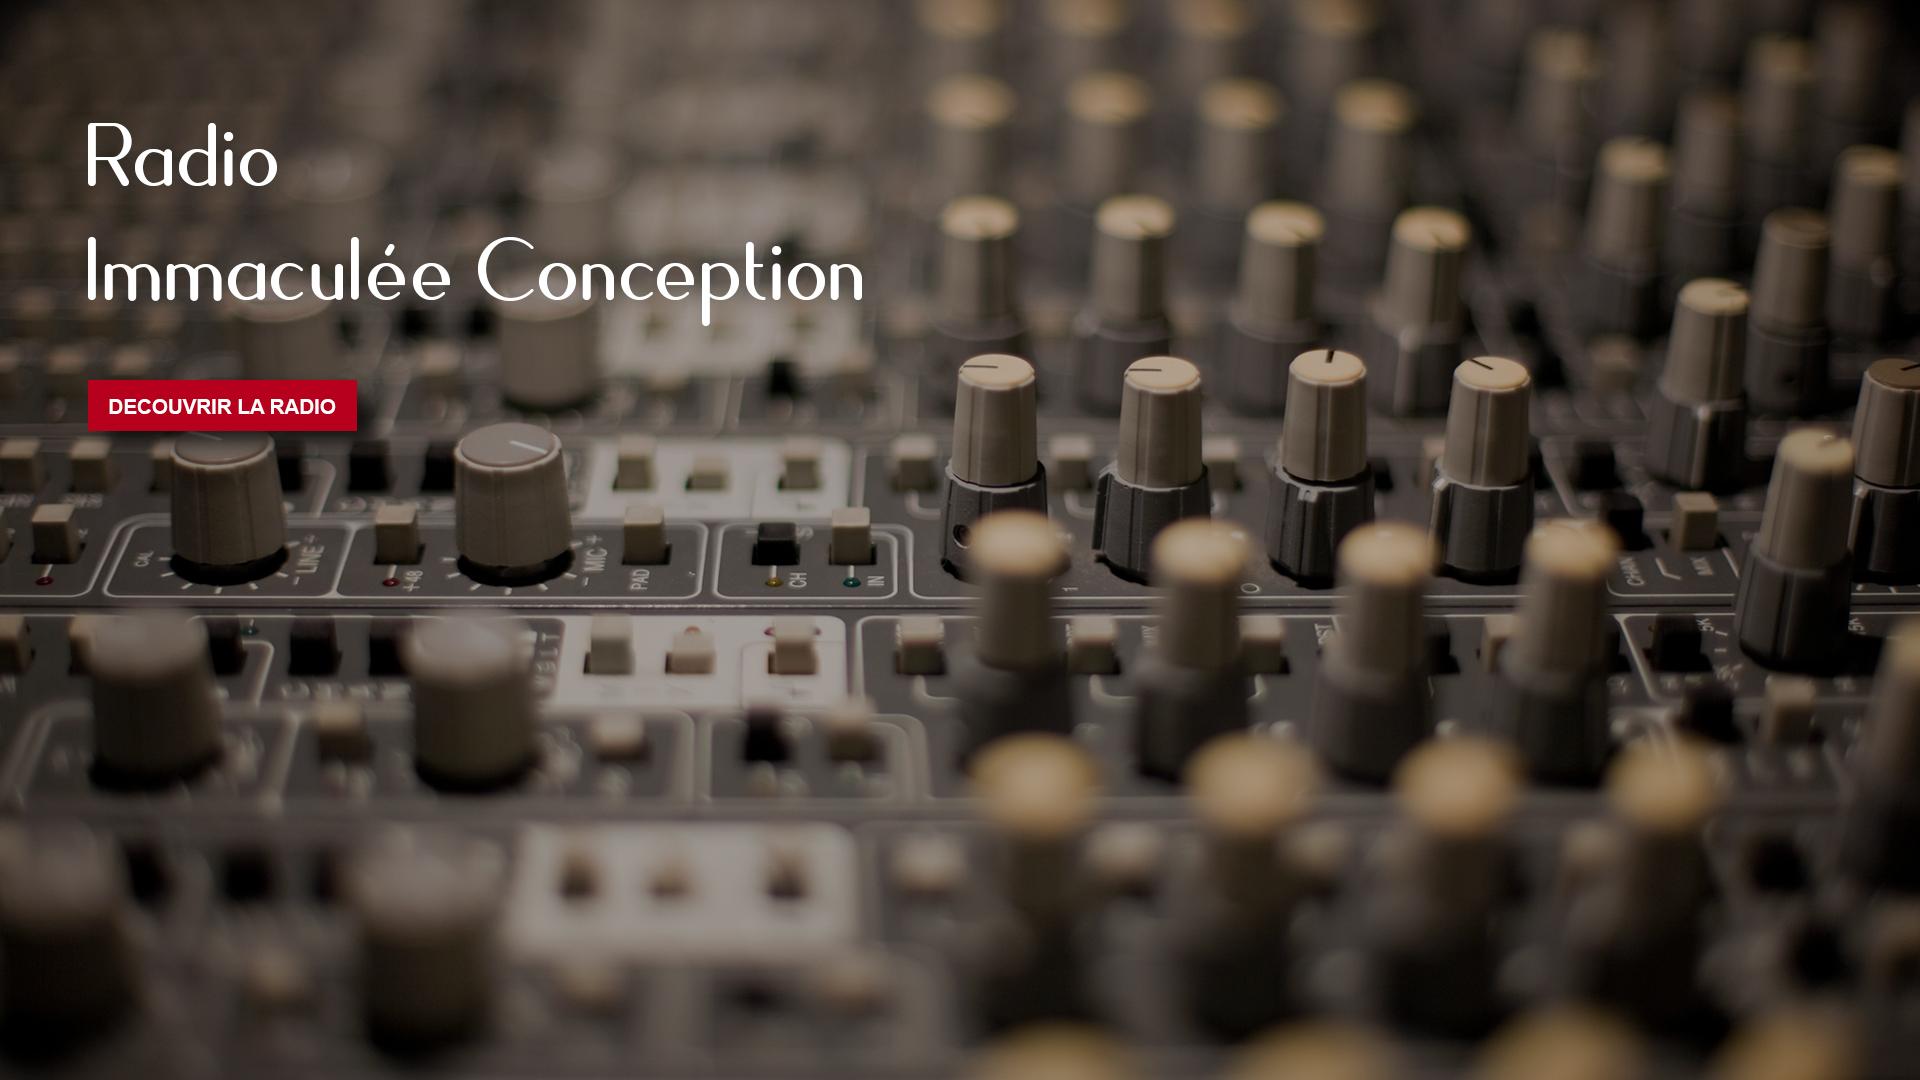 Bienvenue sur le portail de Radio Immaculée Conception